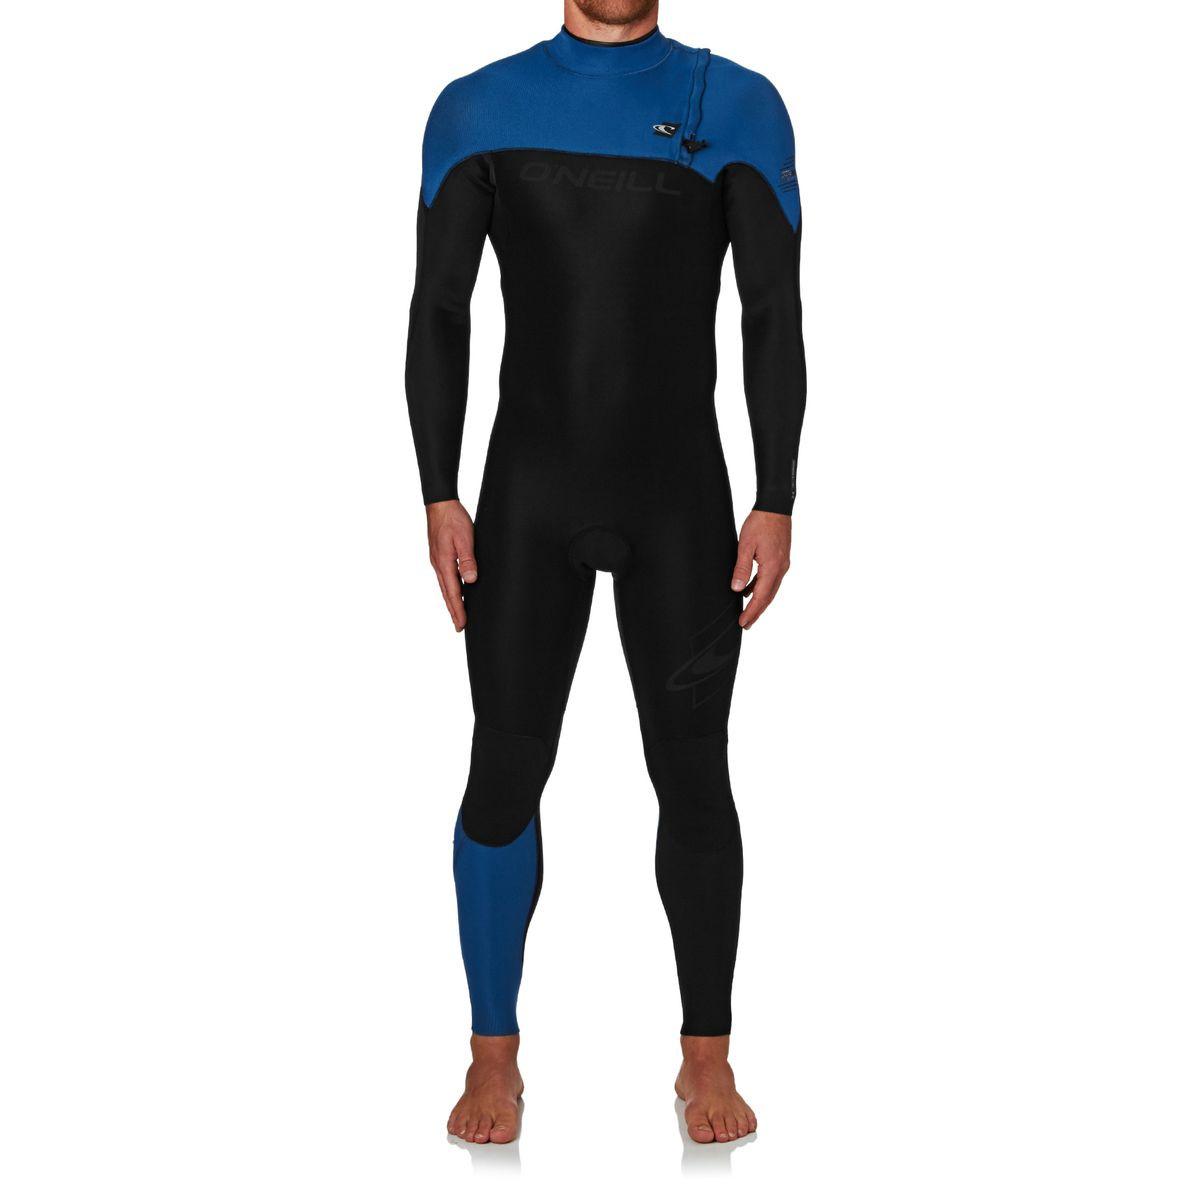 O'Neill Hyperfreak Comp 3/2 2017 Zipperless Wetsuit - Black/ Deep Sea/ Deep Sea